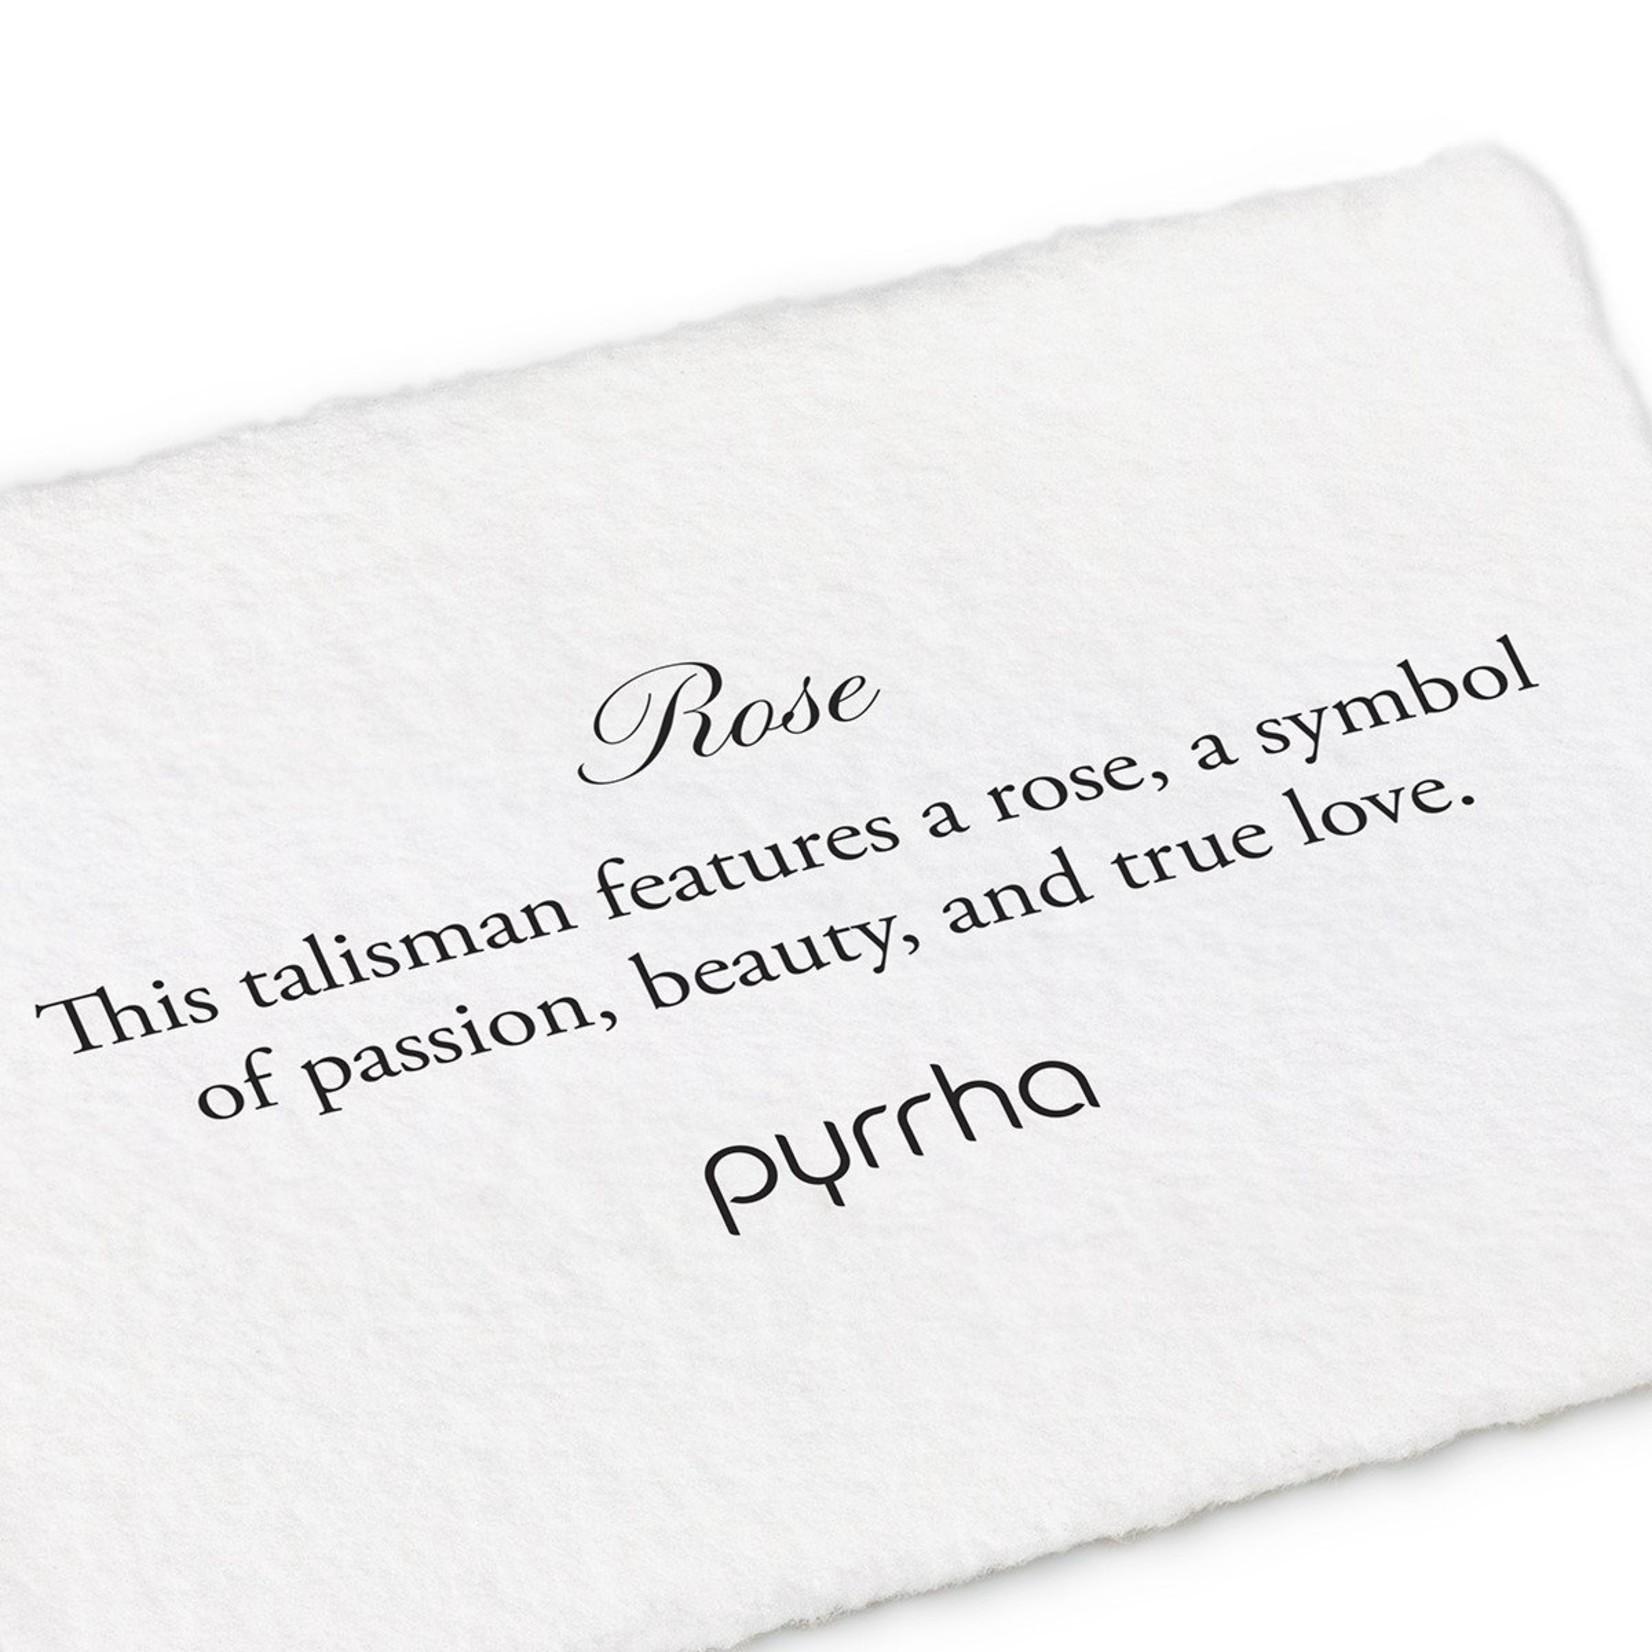 Pyrrha Rose Mini Talisman Ring